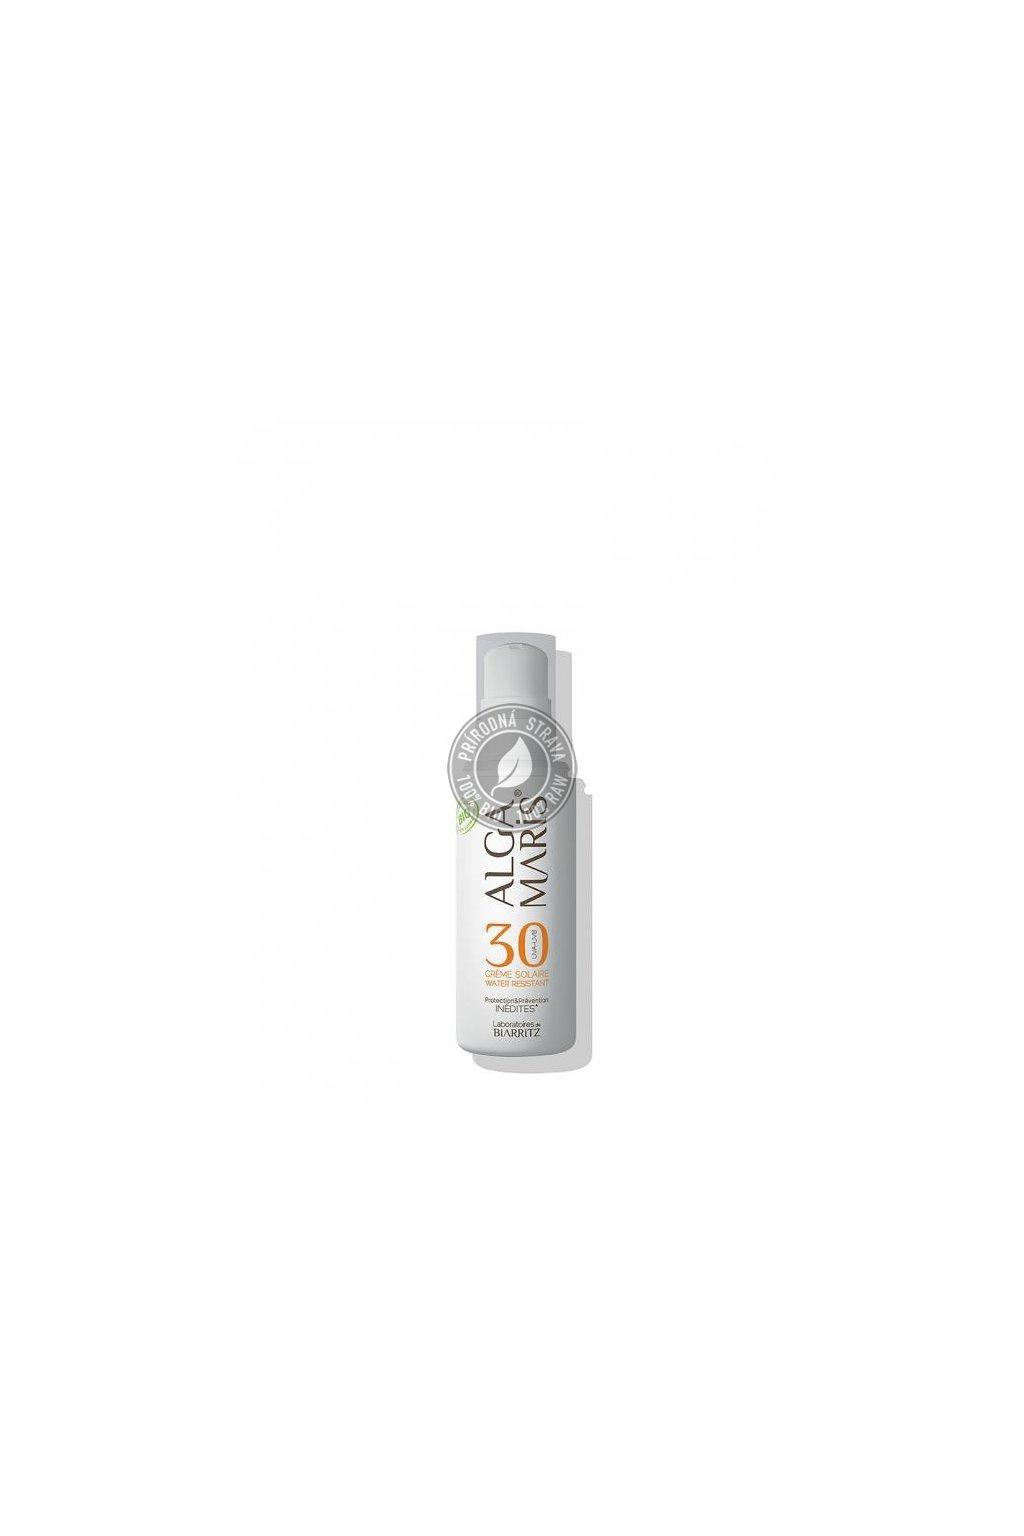 Alga Maris - BIO pleťový krém s faktorom SPF30 - 50 ml